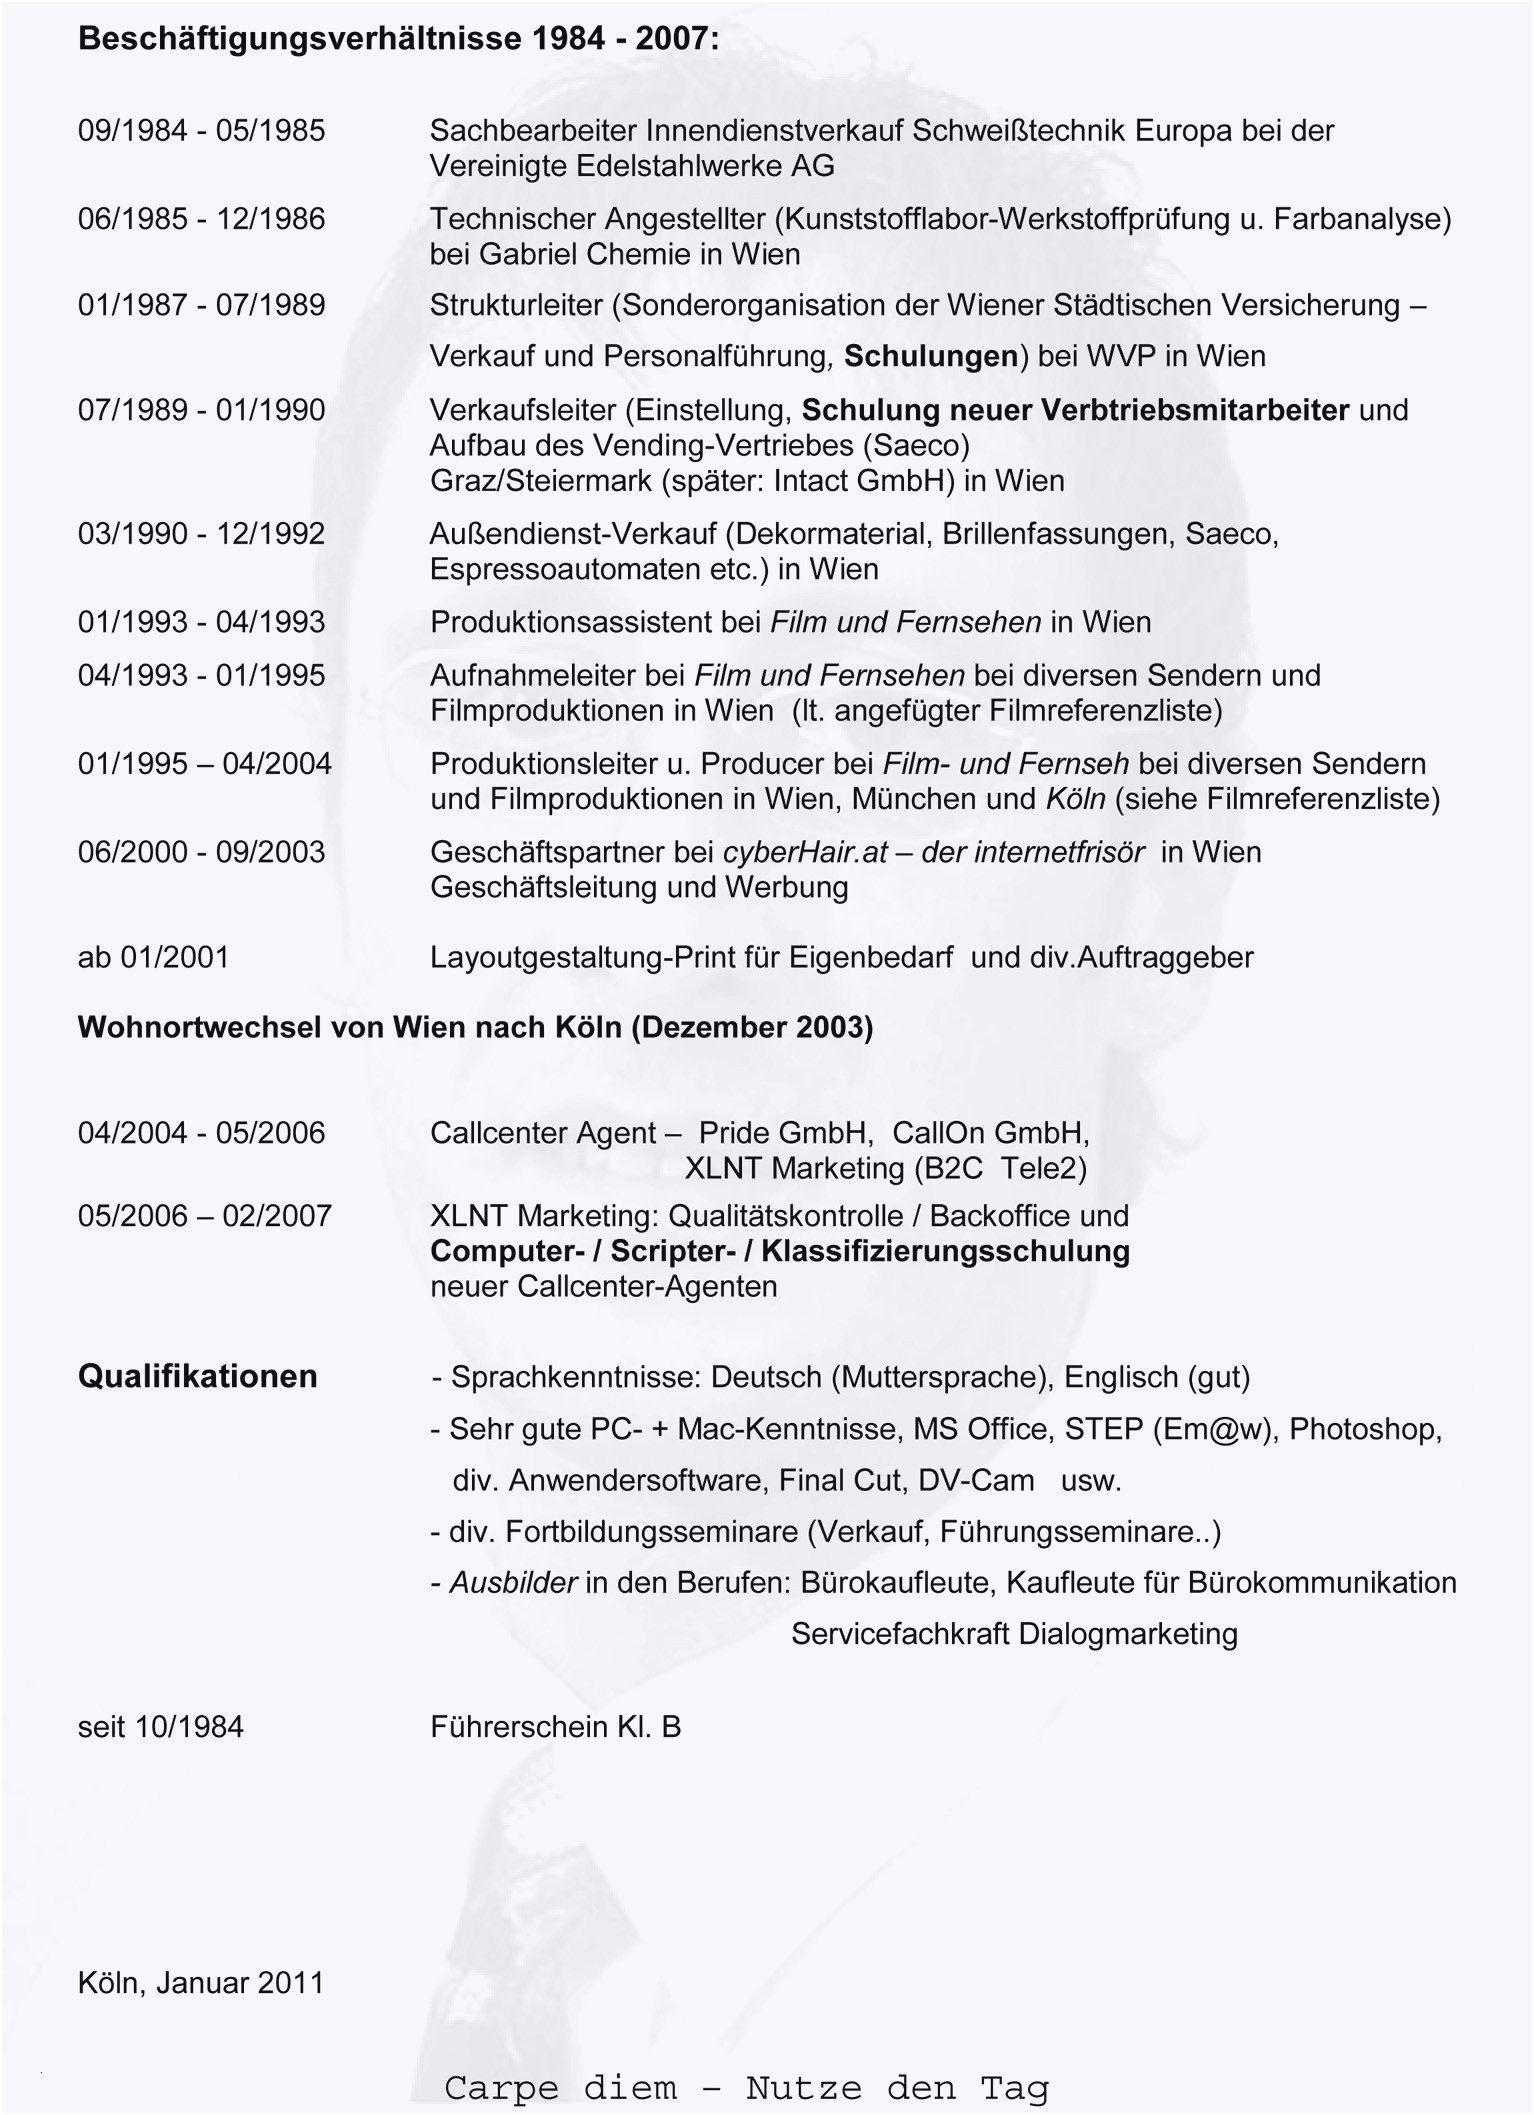 Einzigartig Ausformulierter Lebenslauf Briefprobe Briefformat Briefvorlage Lebenslauf Lebenslauf Muster Lebenslauf Beispiele